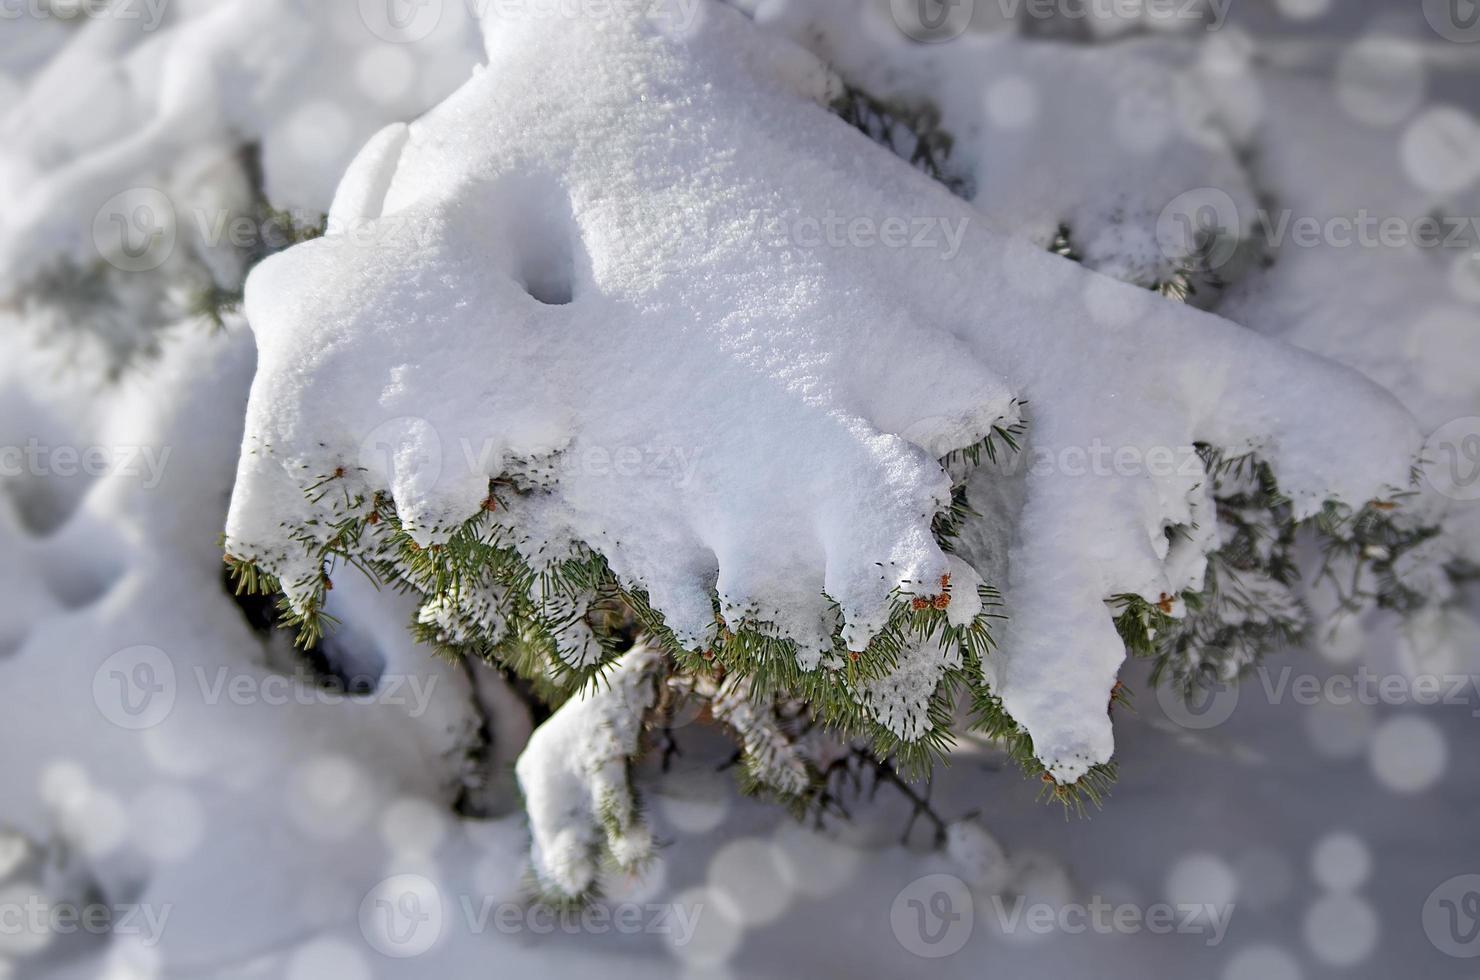 gefrorene Nadelzweige mit Winterschnee bedeckt foto